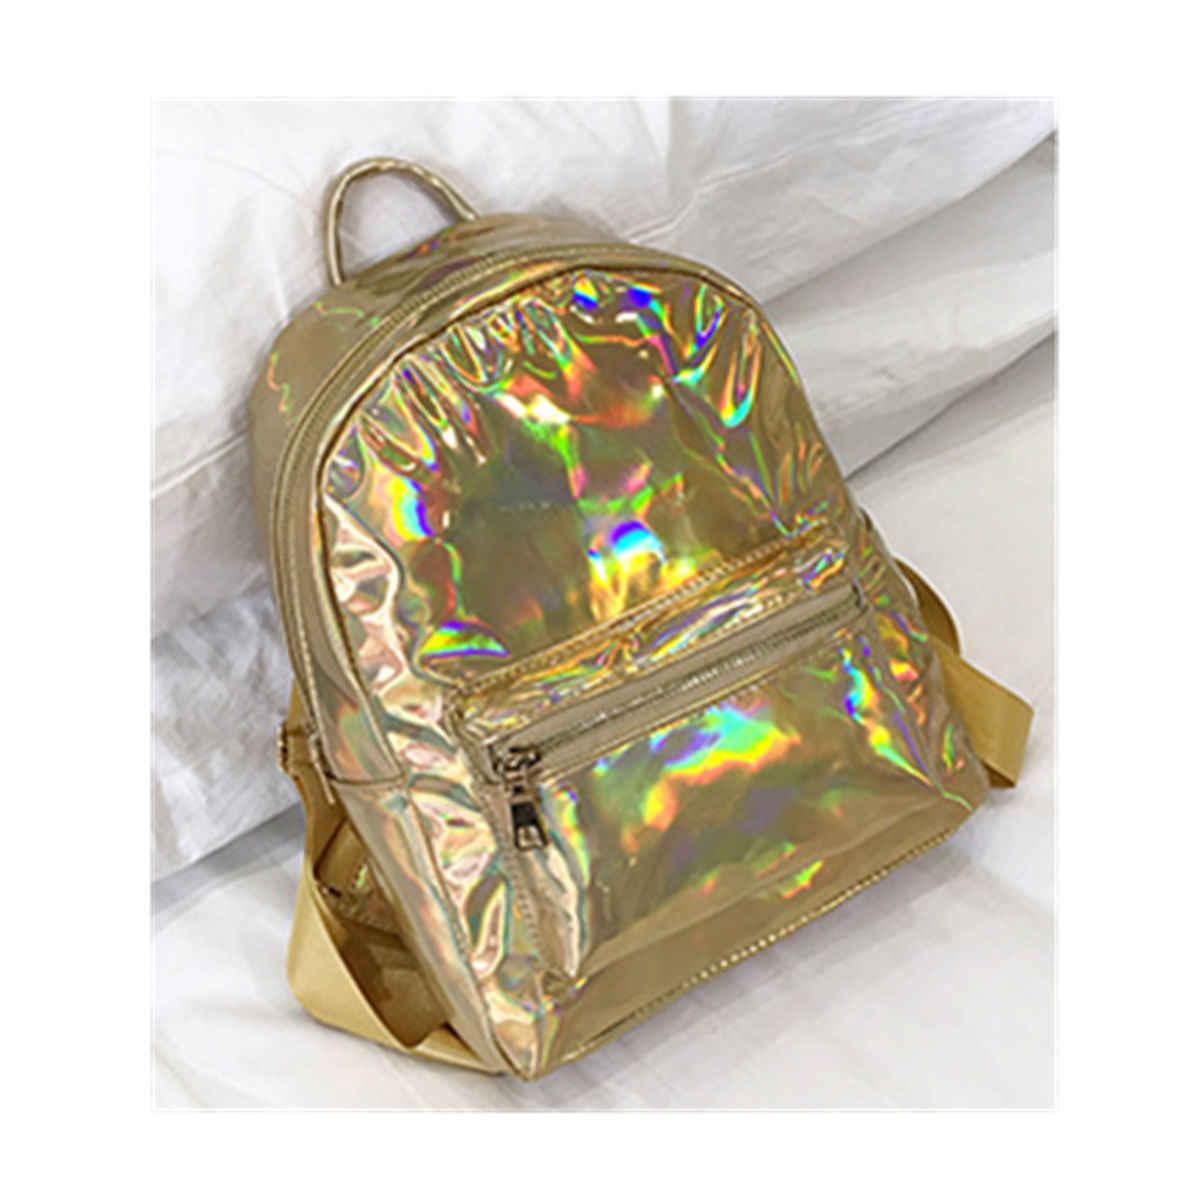 2018 Yeni Kadın Holografik Gama Işını Hologram Sırt Çantası omuzdan askili çanta Seyahat Okul Çantası